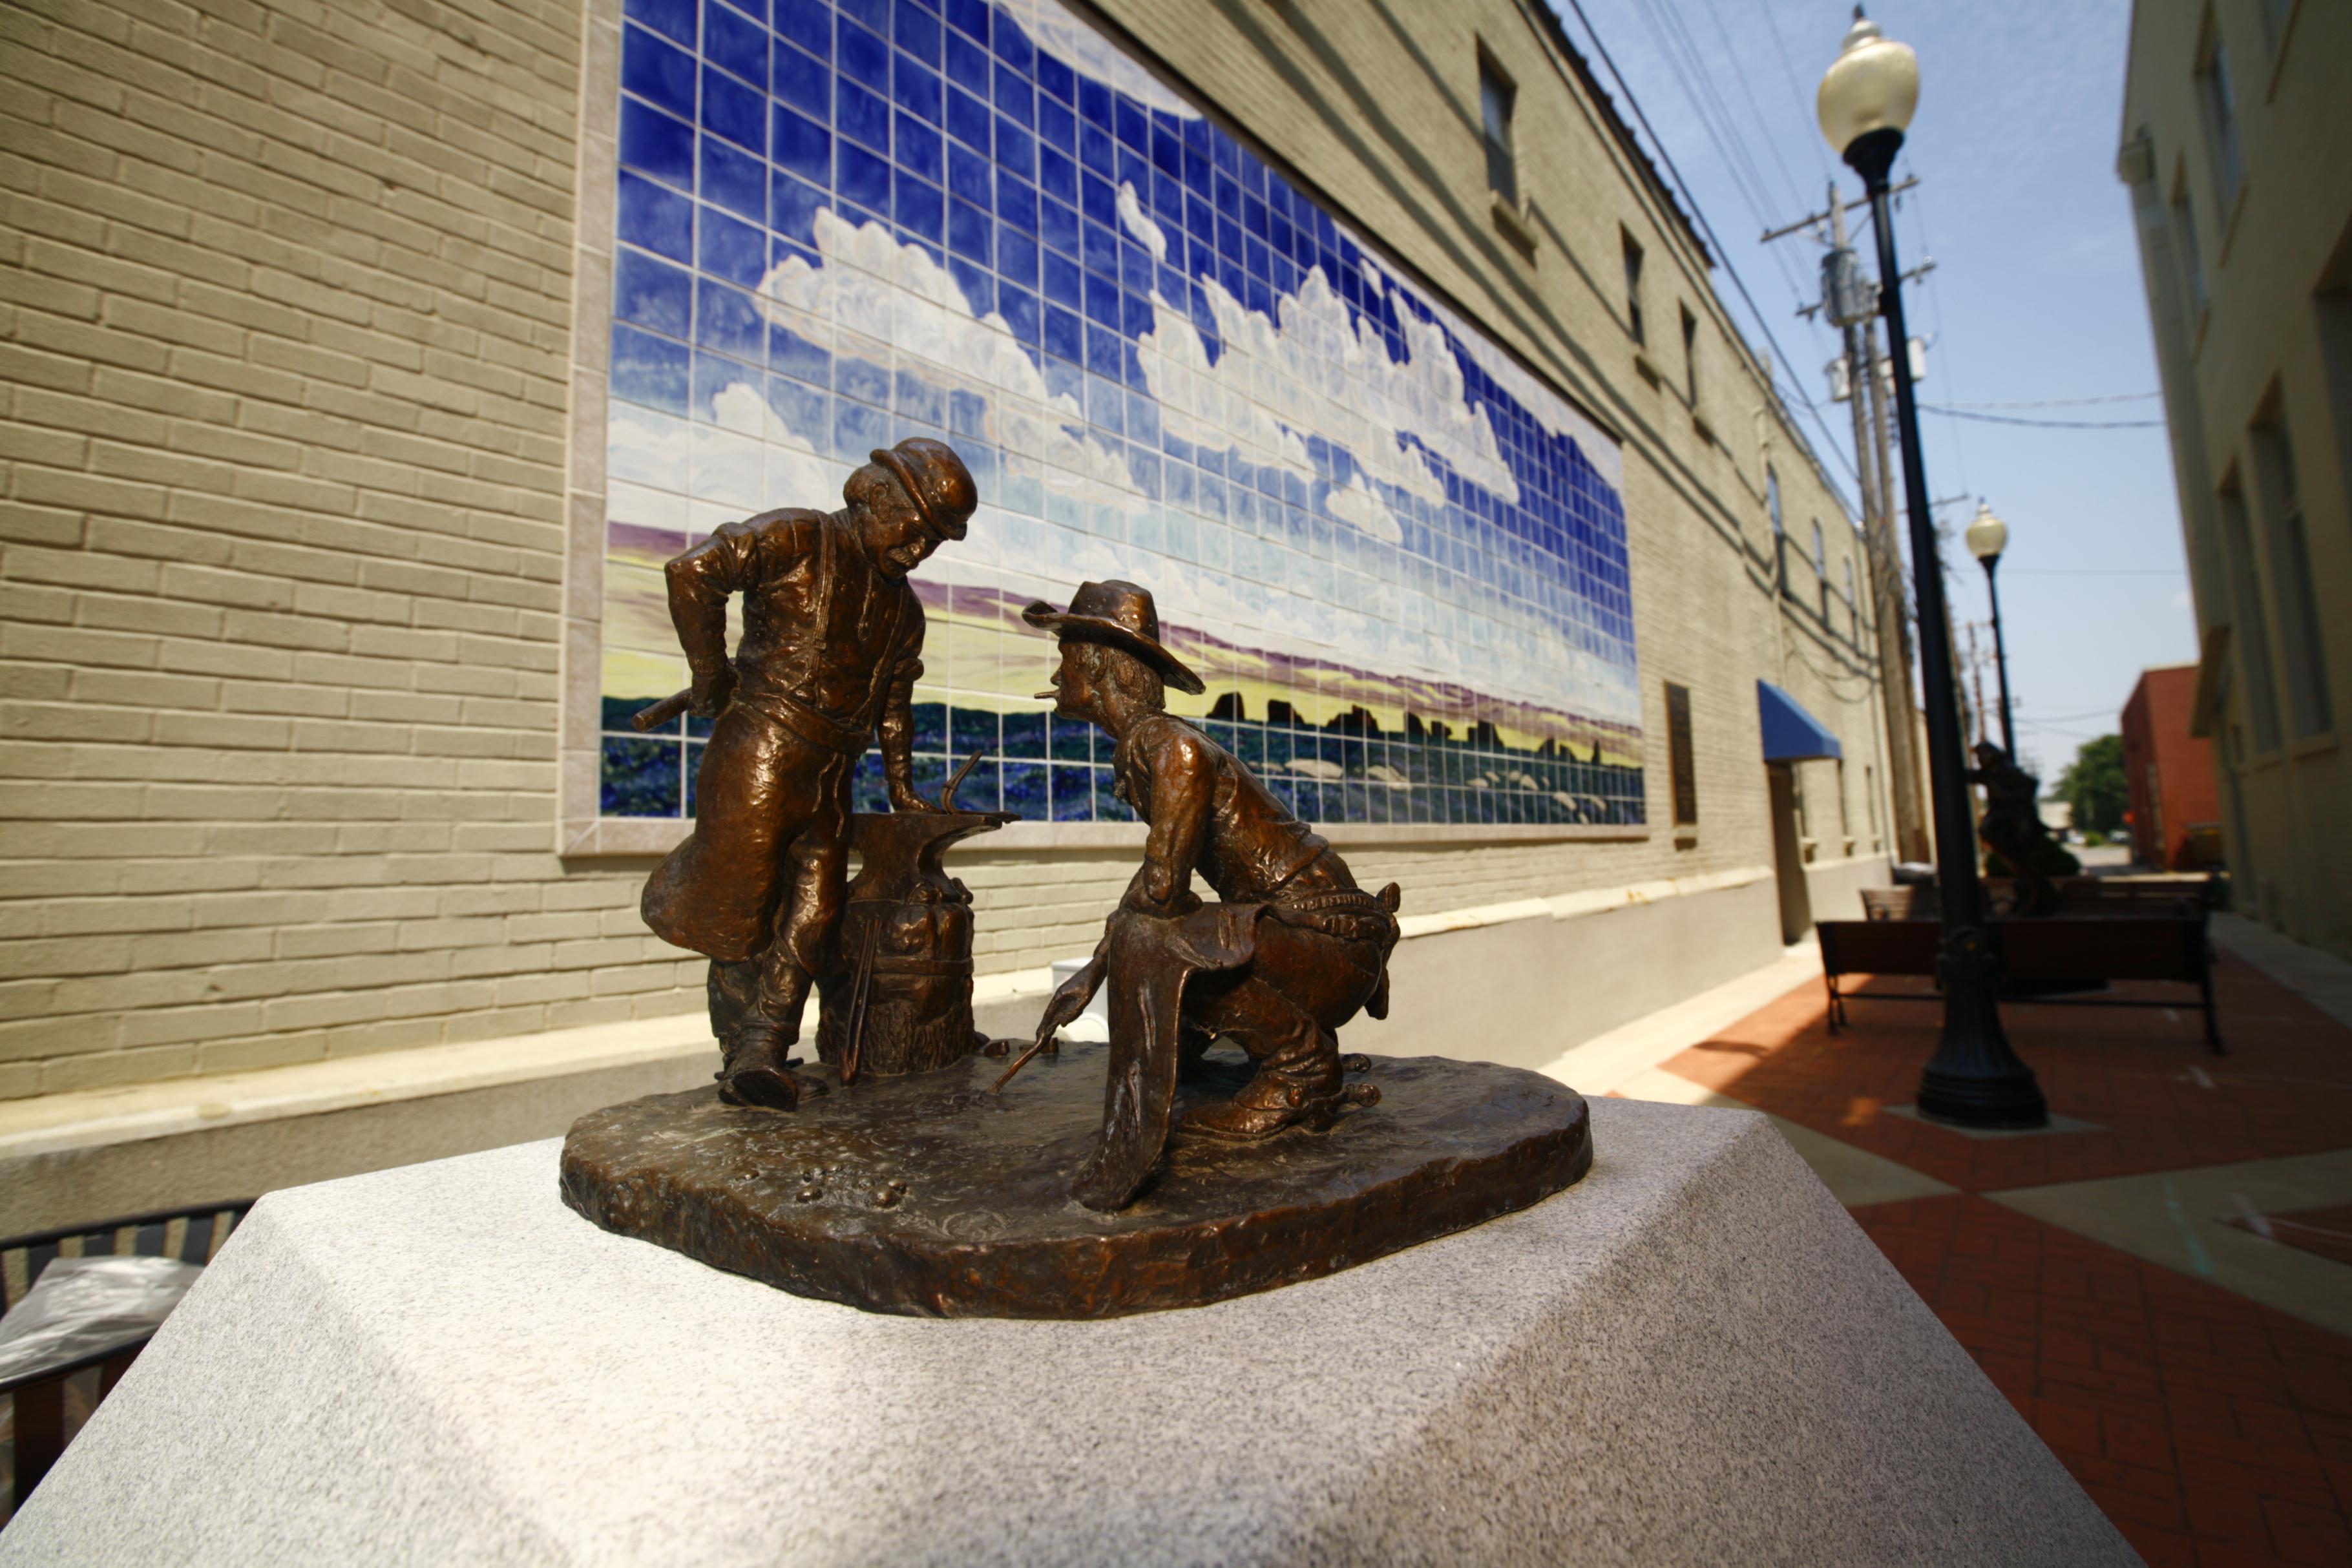 Sculpture Alley in El Dorado.